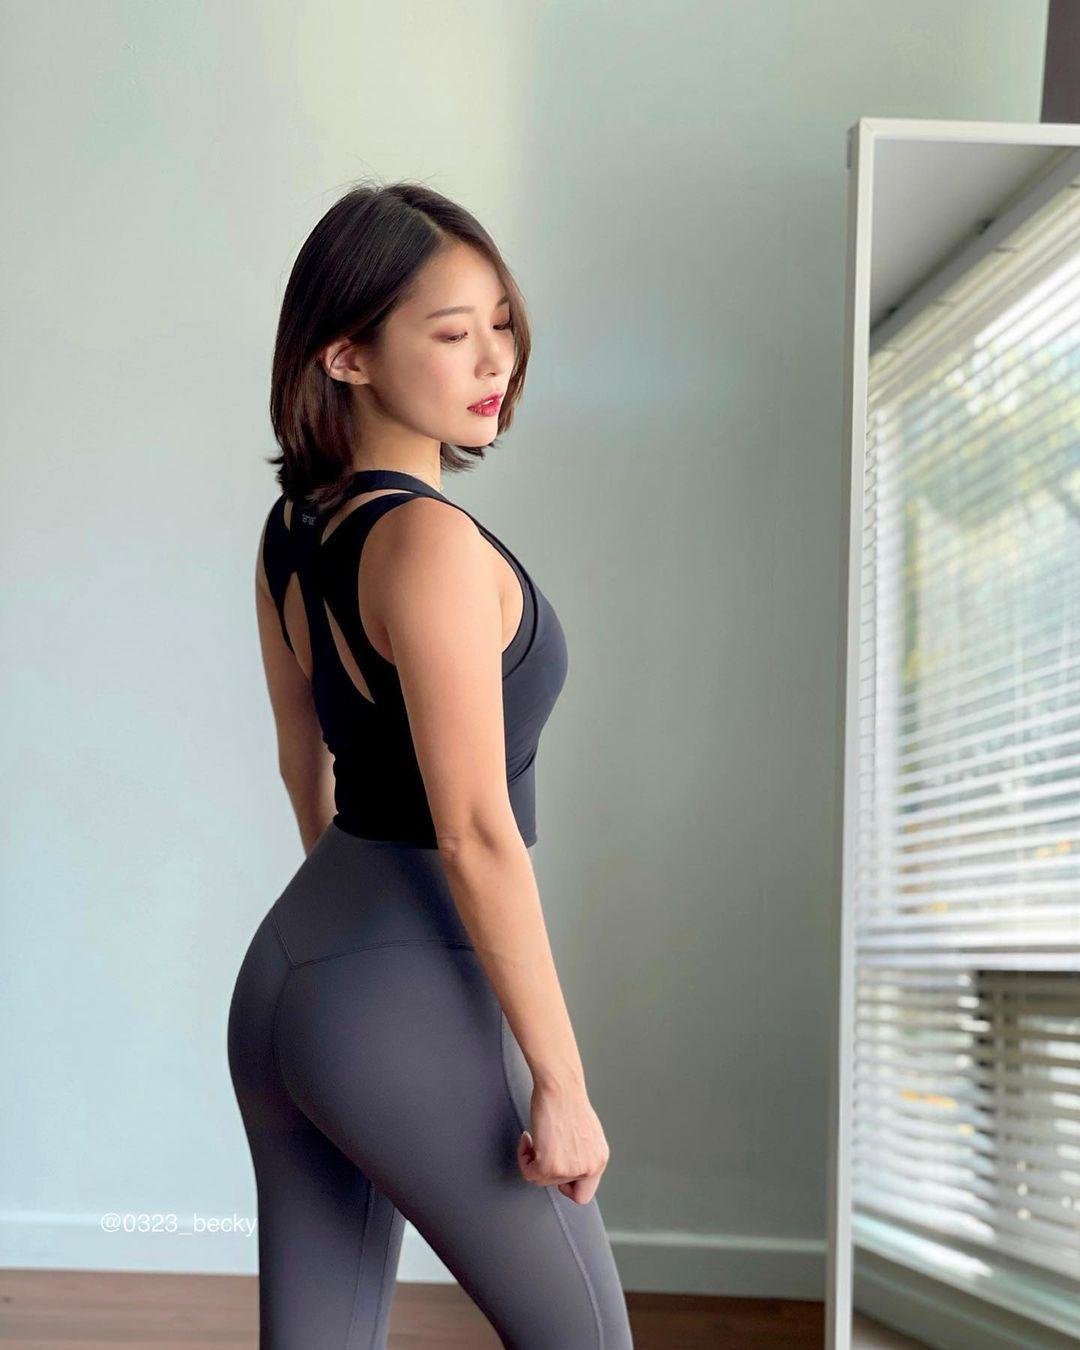 韩国高尔夫正妹Becky 狂吸 33 万粉丝好身材更让人心动 养眼图片 第9张